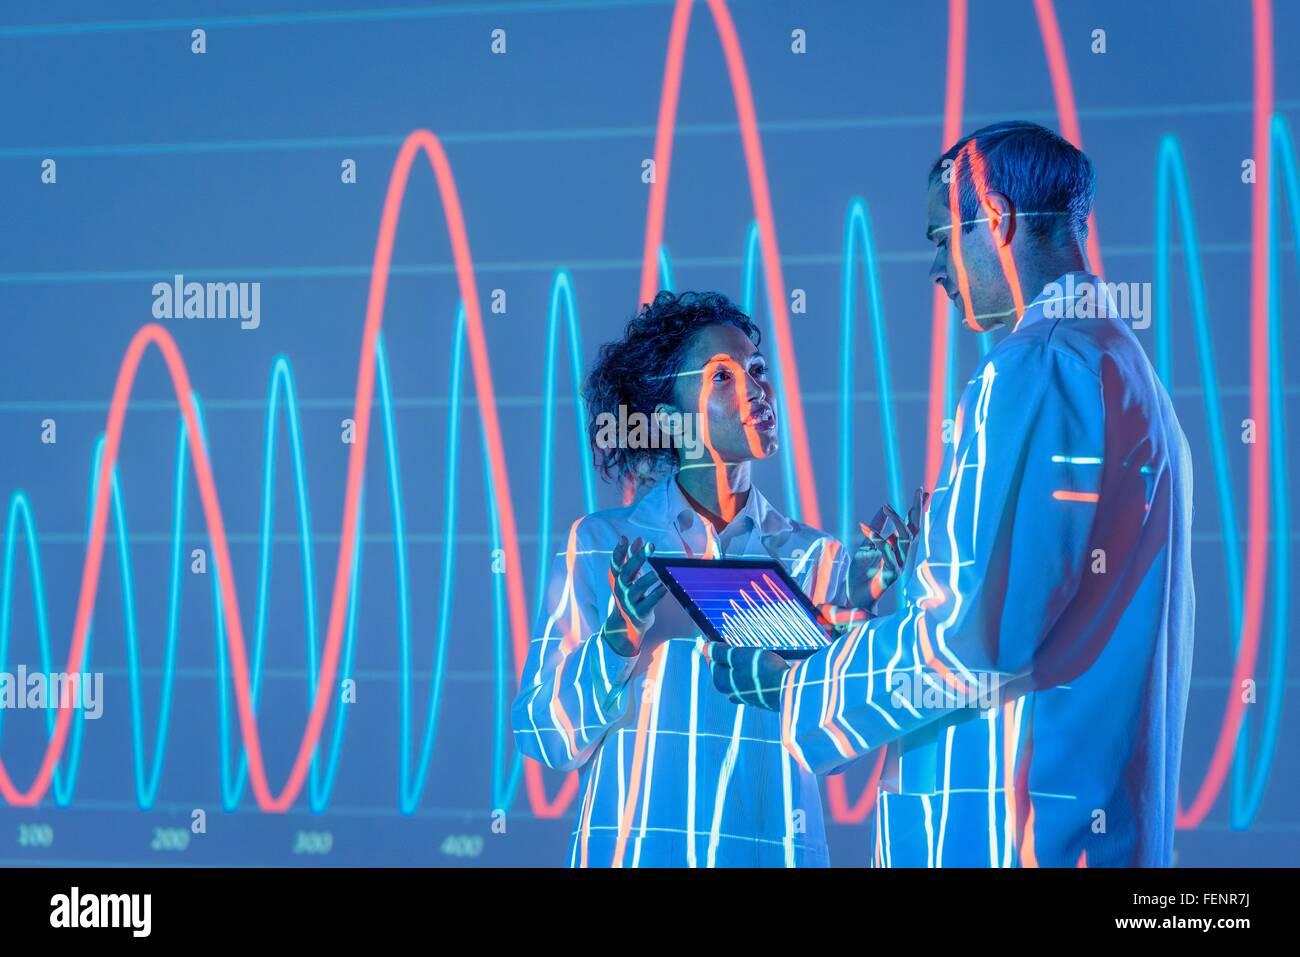 Los científicos en el debate con proyección de datos gráfica Imagen De Stock